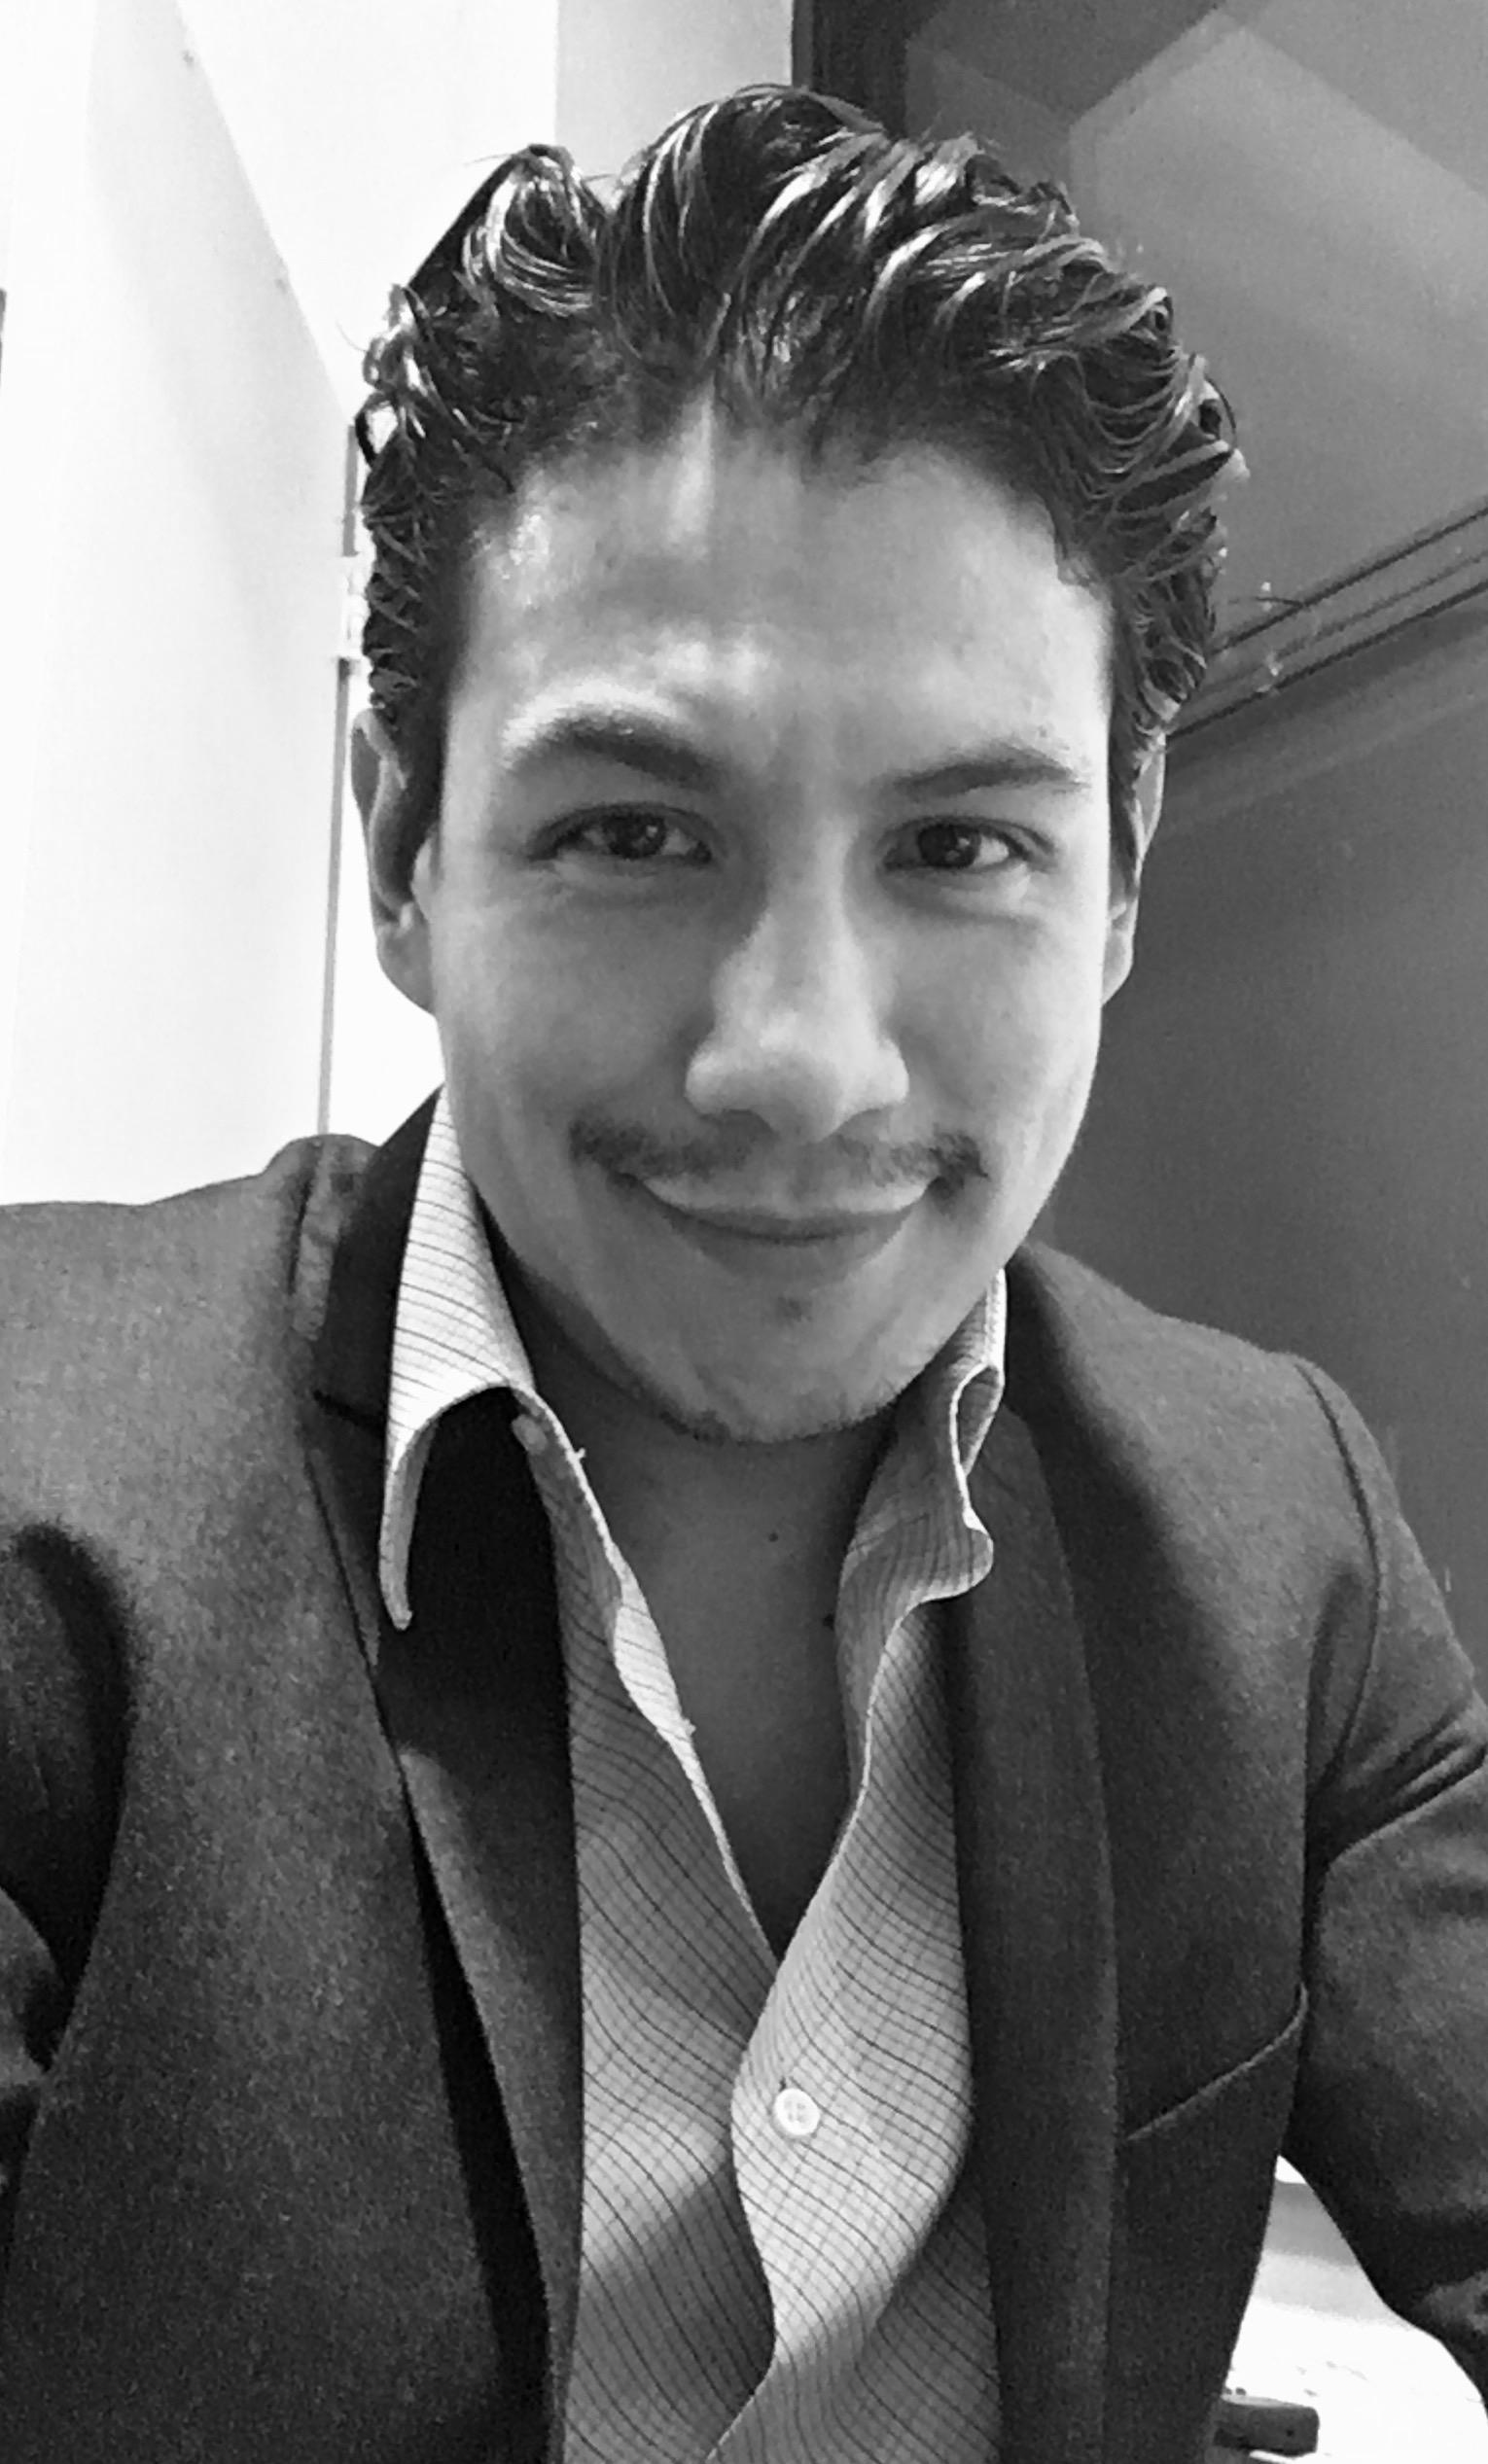 Mario Rodriguez, Founder, Bootleg Avocado